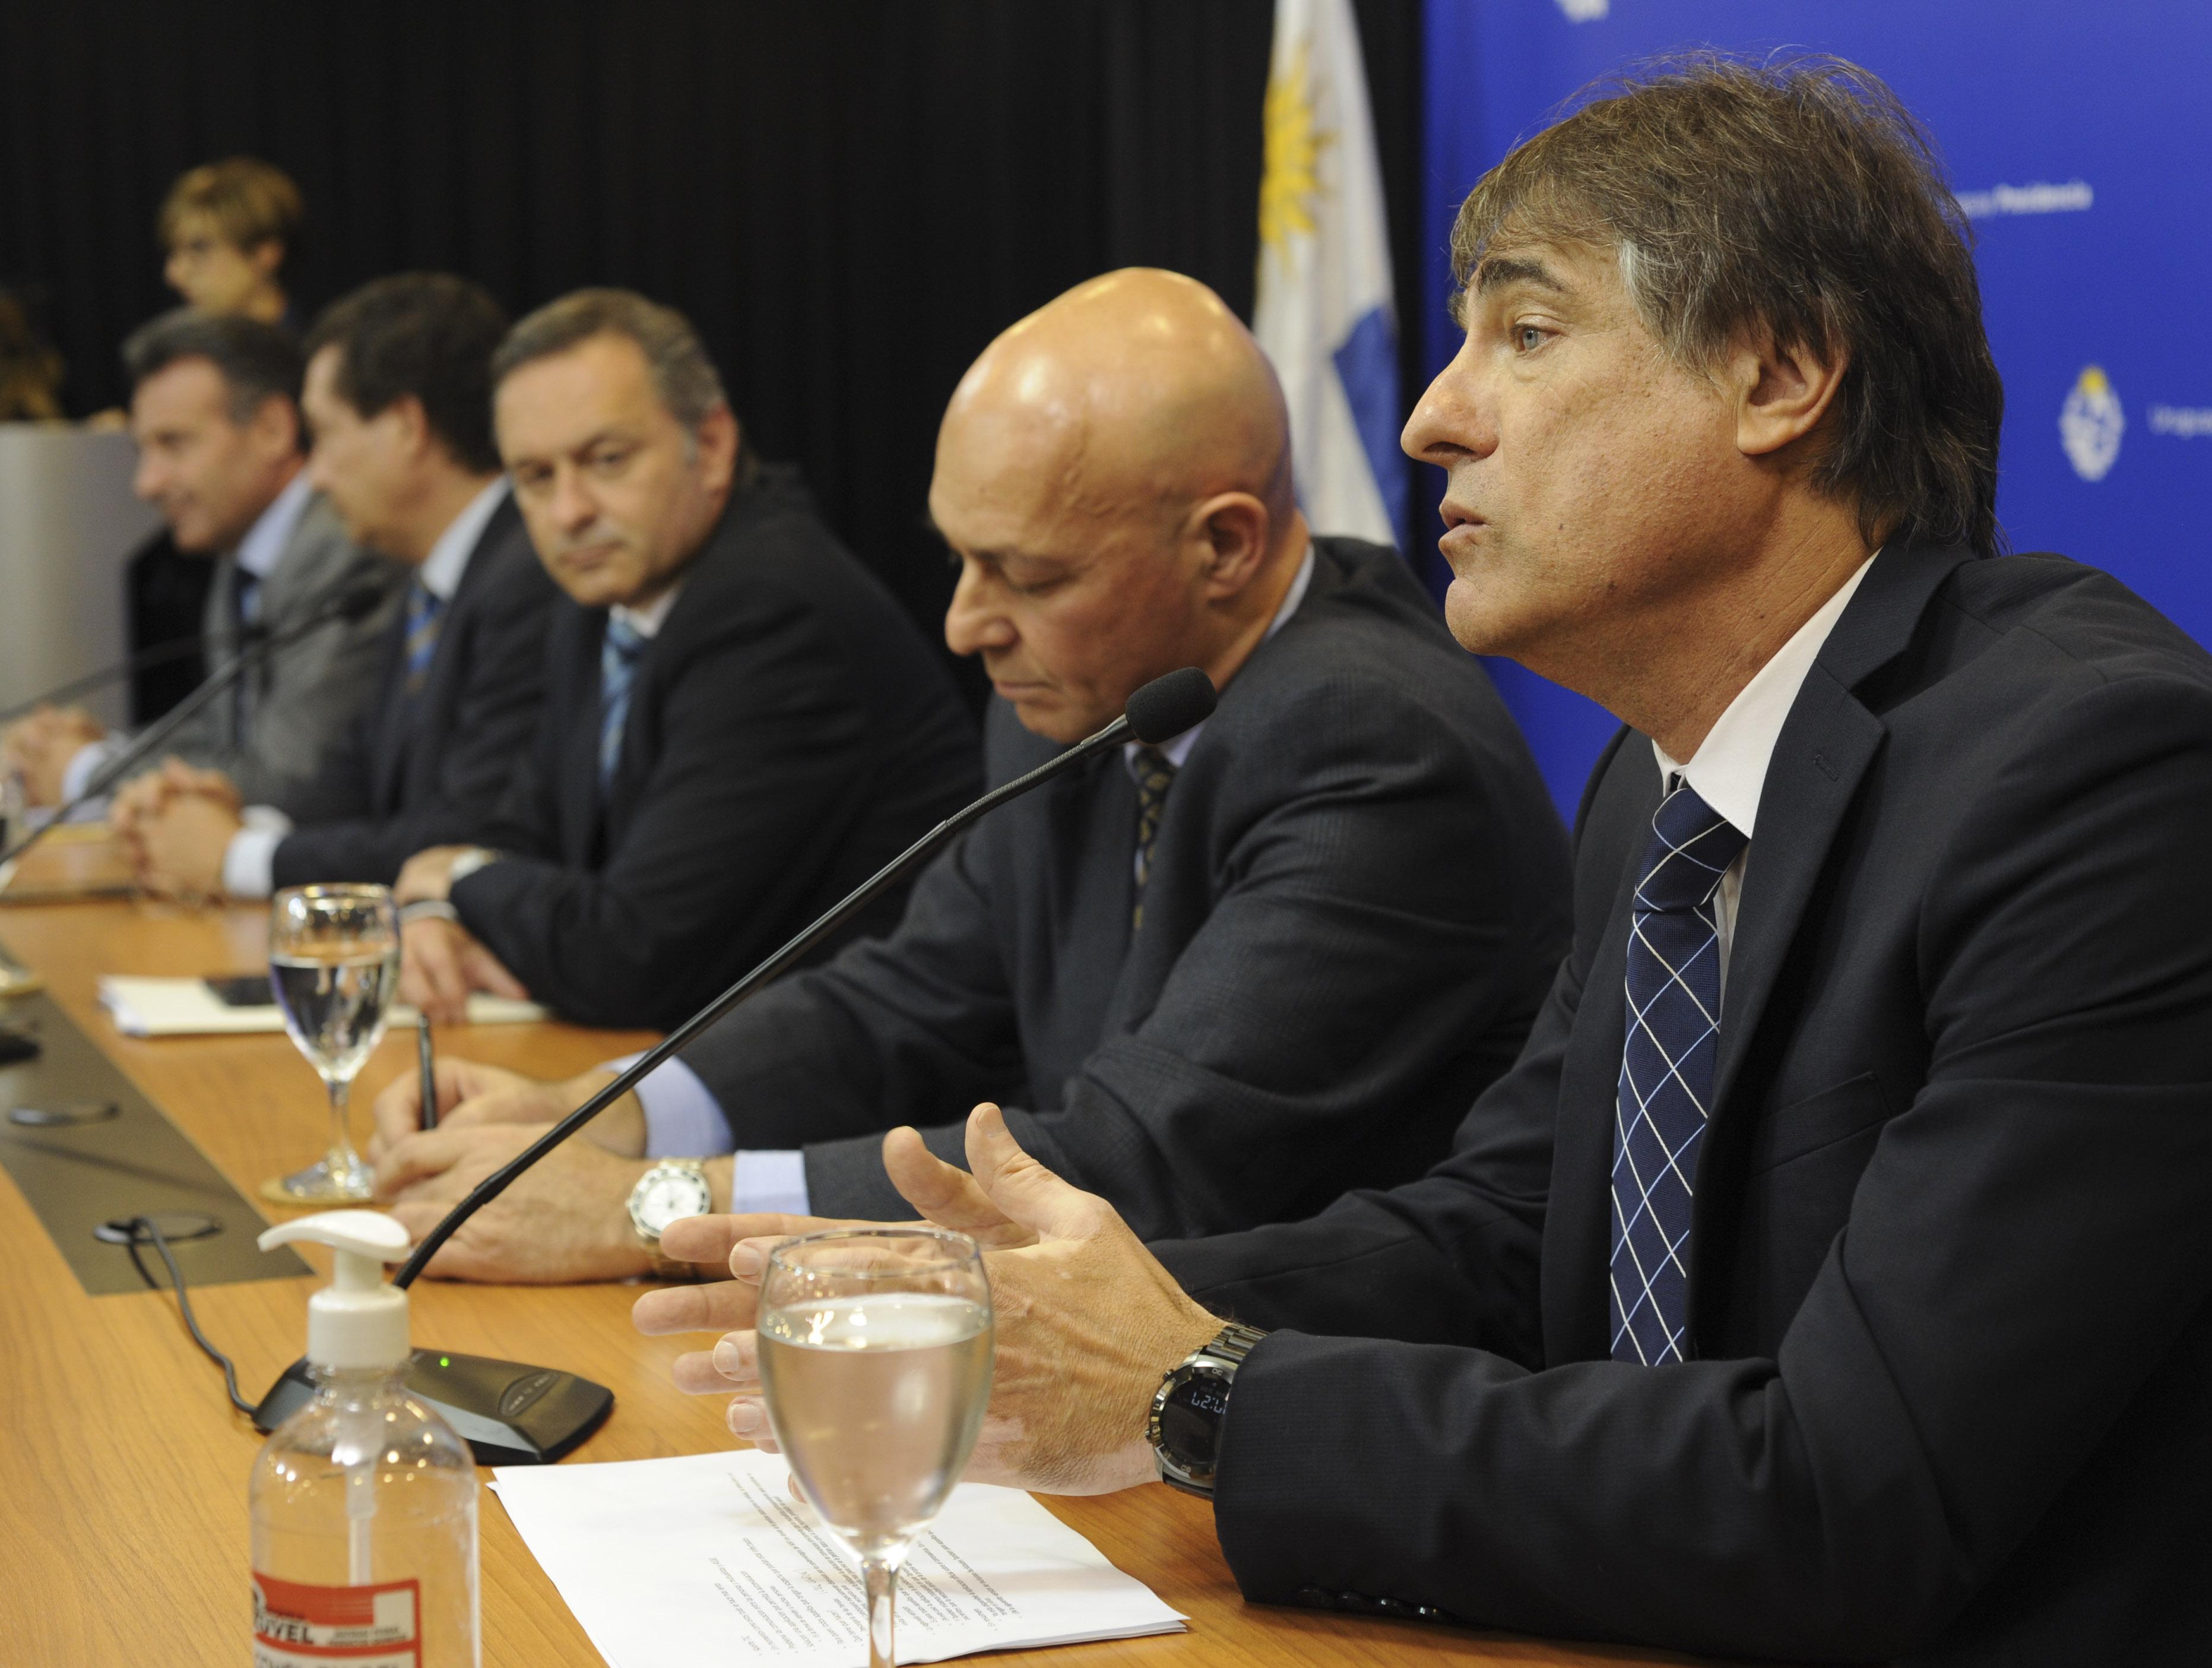 Nicolás Jodal, representante de empresas uruguayas de software que colaboraron en este desarrollo, haciendo uso de la palabra